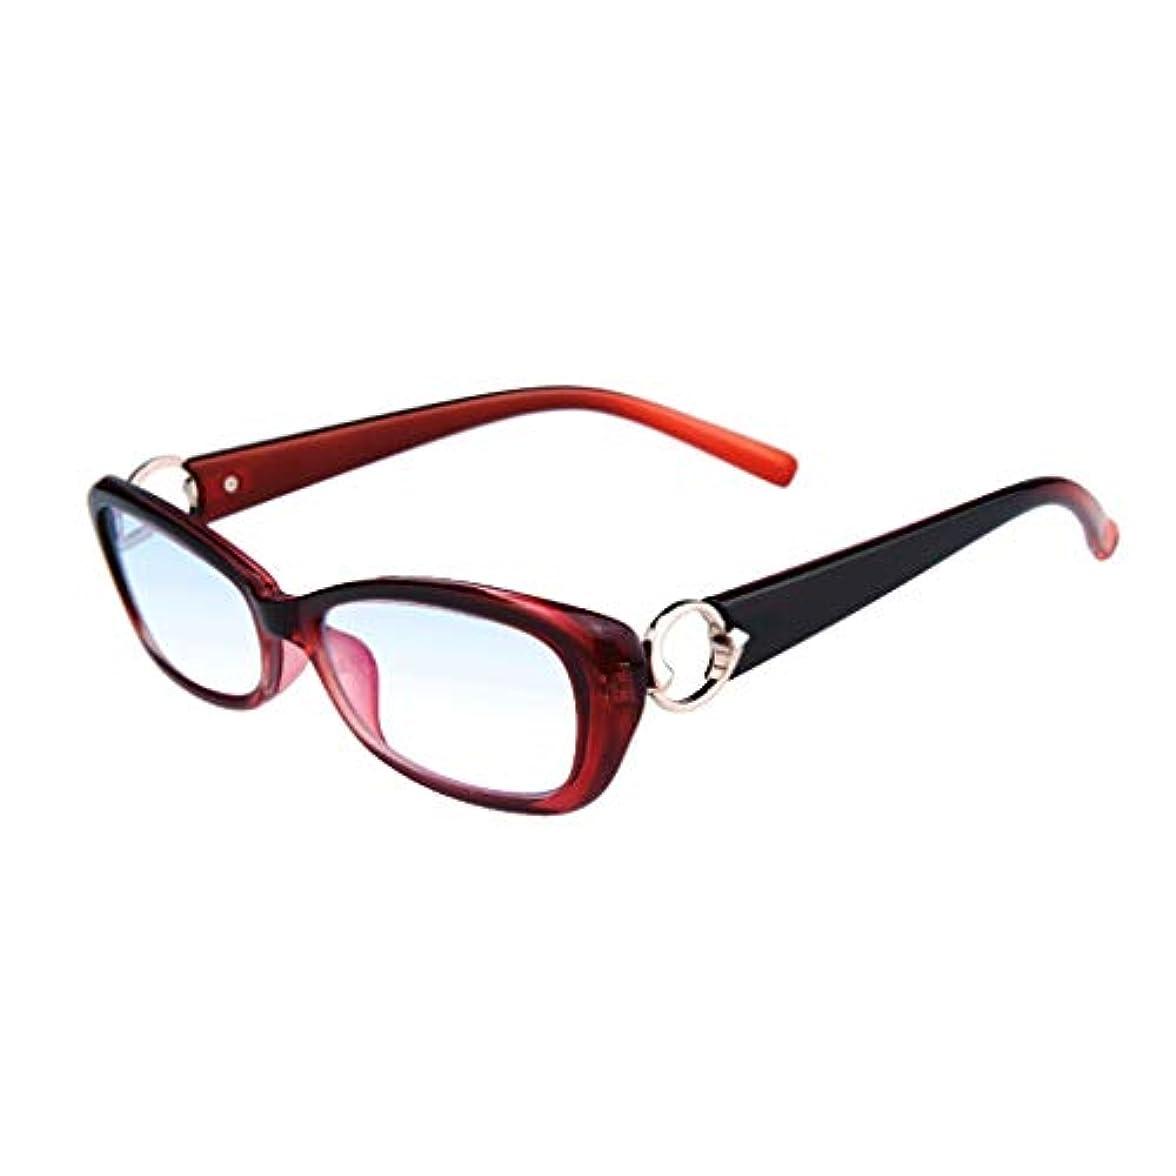 LCSHAN ファッション超軽量老眼鏡女性アンチブルーライトスマートマルチフォーカス遠近両用ズーム (Color : Red, Size : 150 degrees)